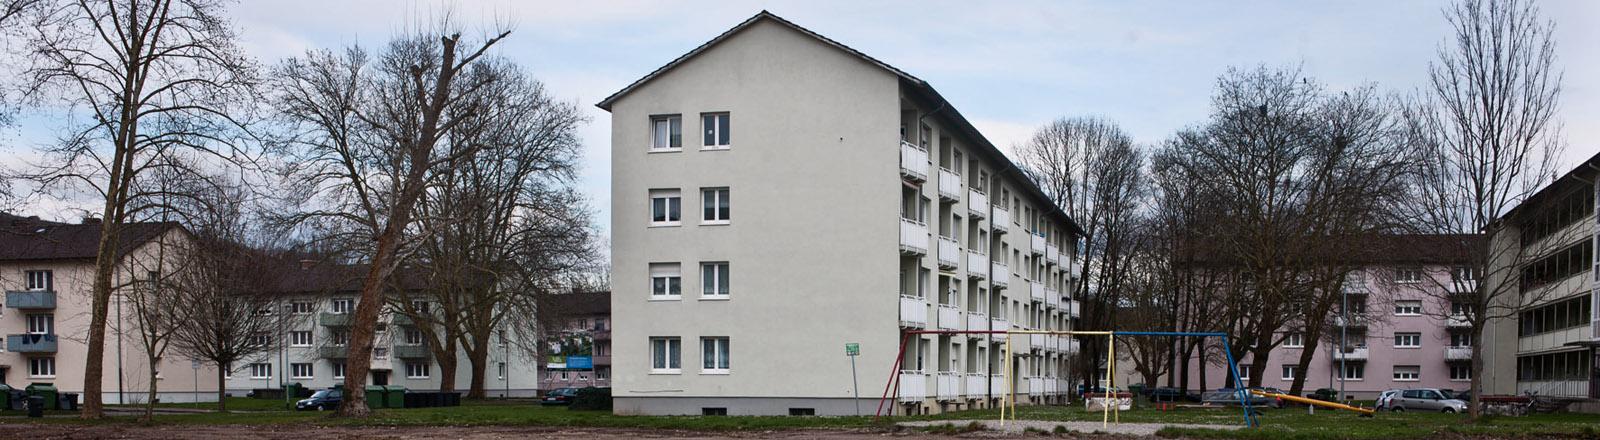 Mietshaus in Lahr im Schwarzwald